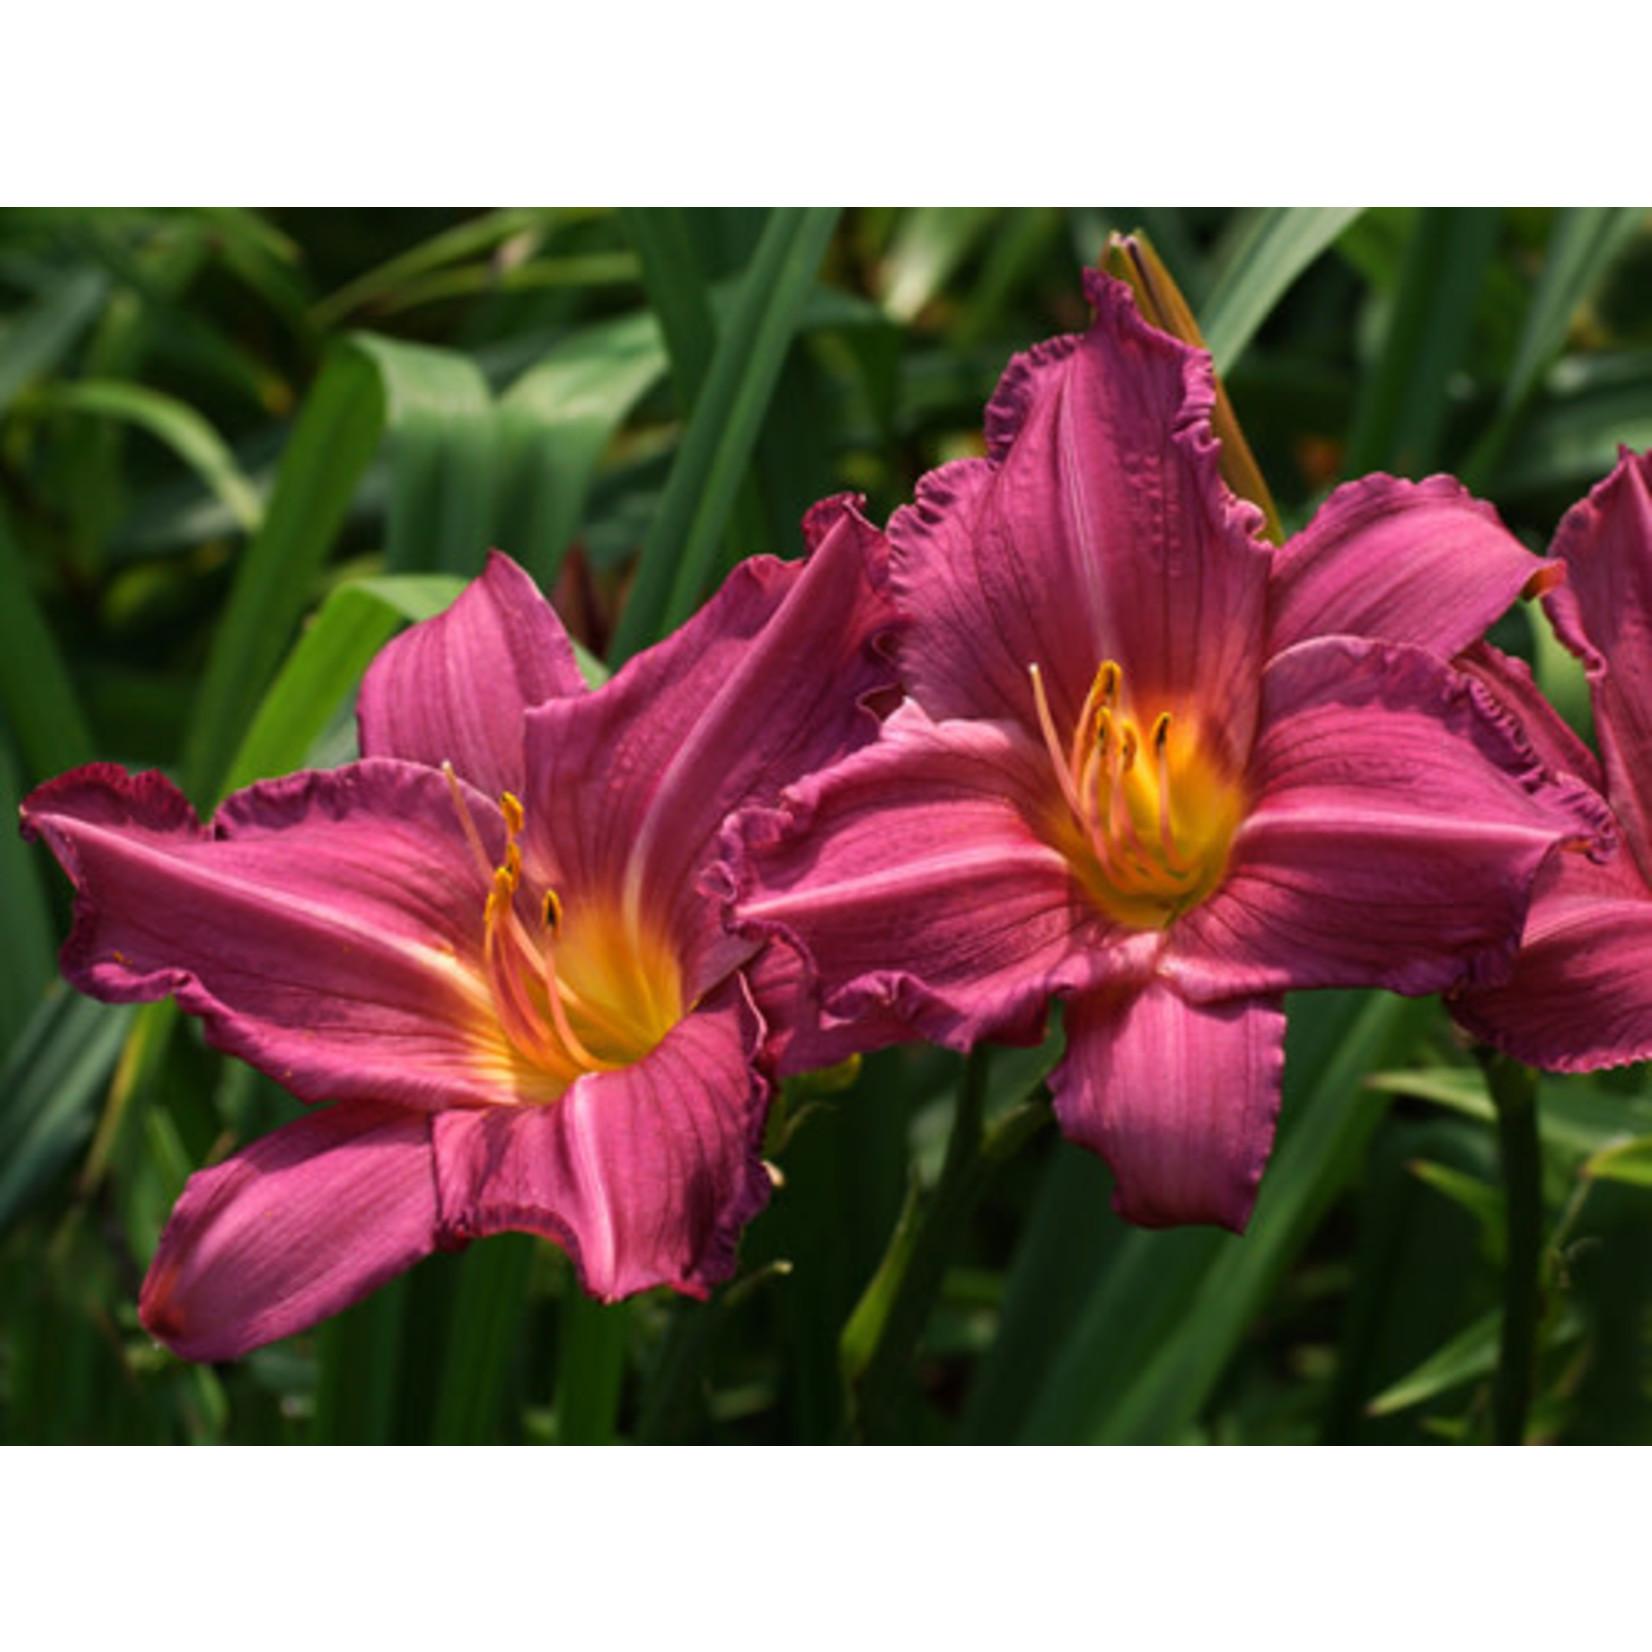 Daylily - Hemerocalis Summer WIne - 1 gal